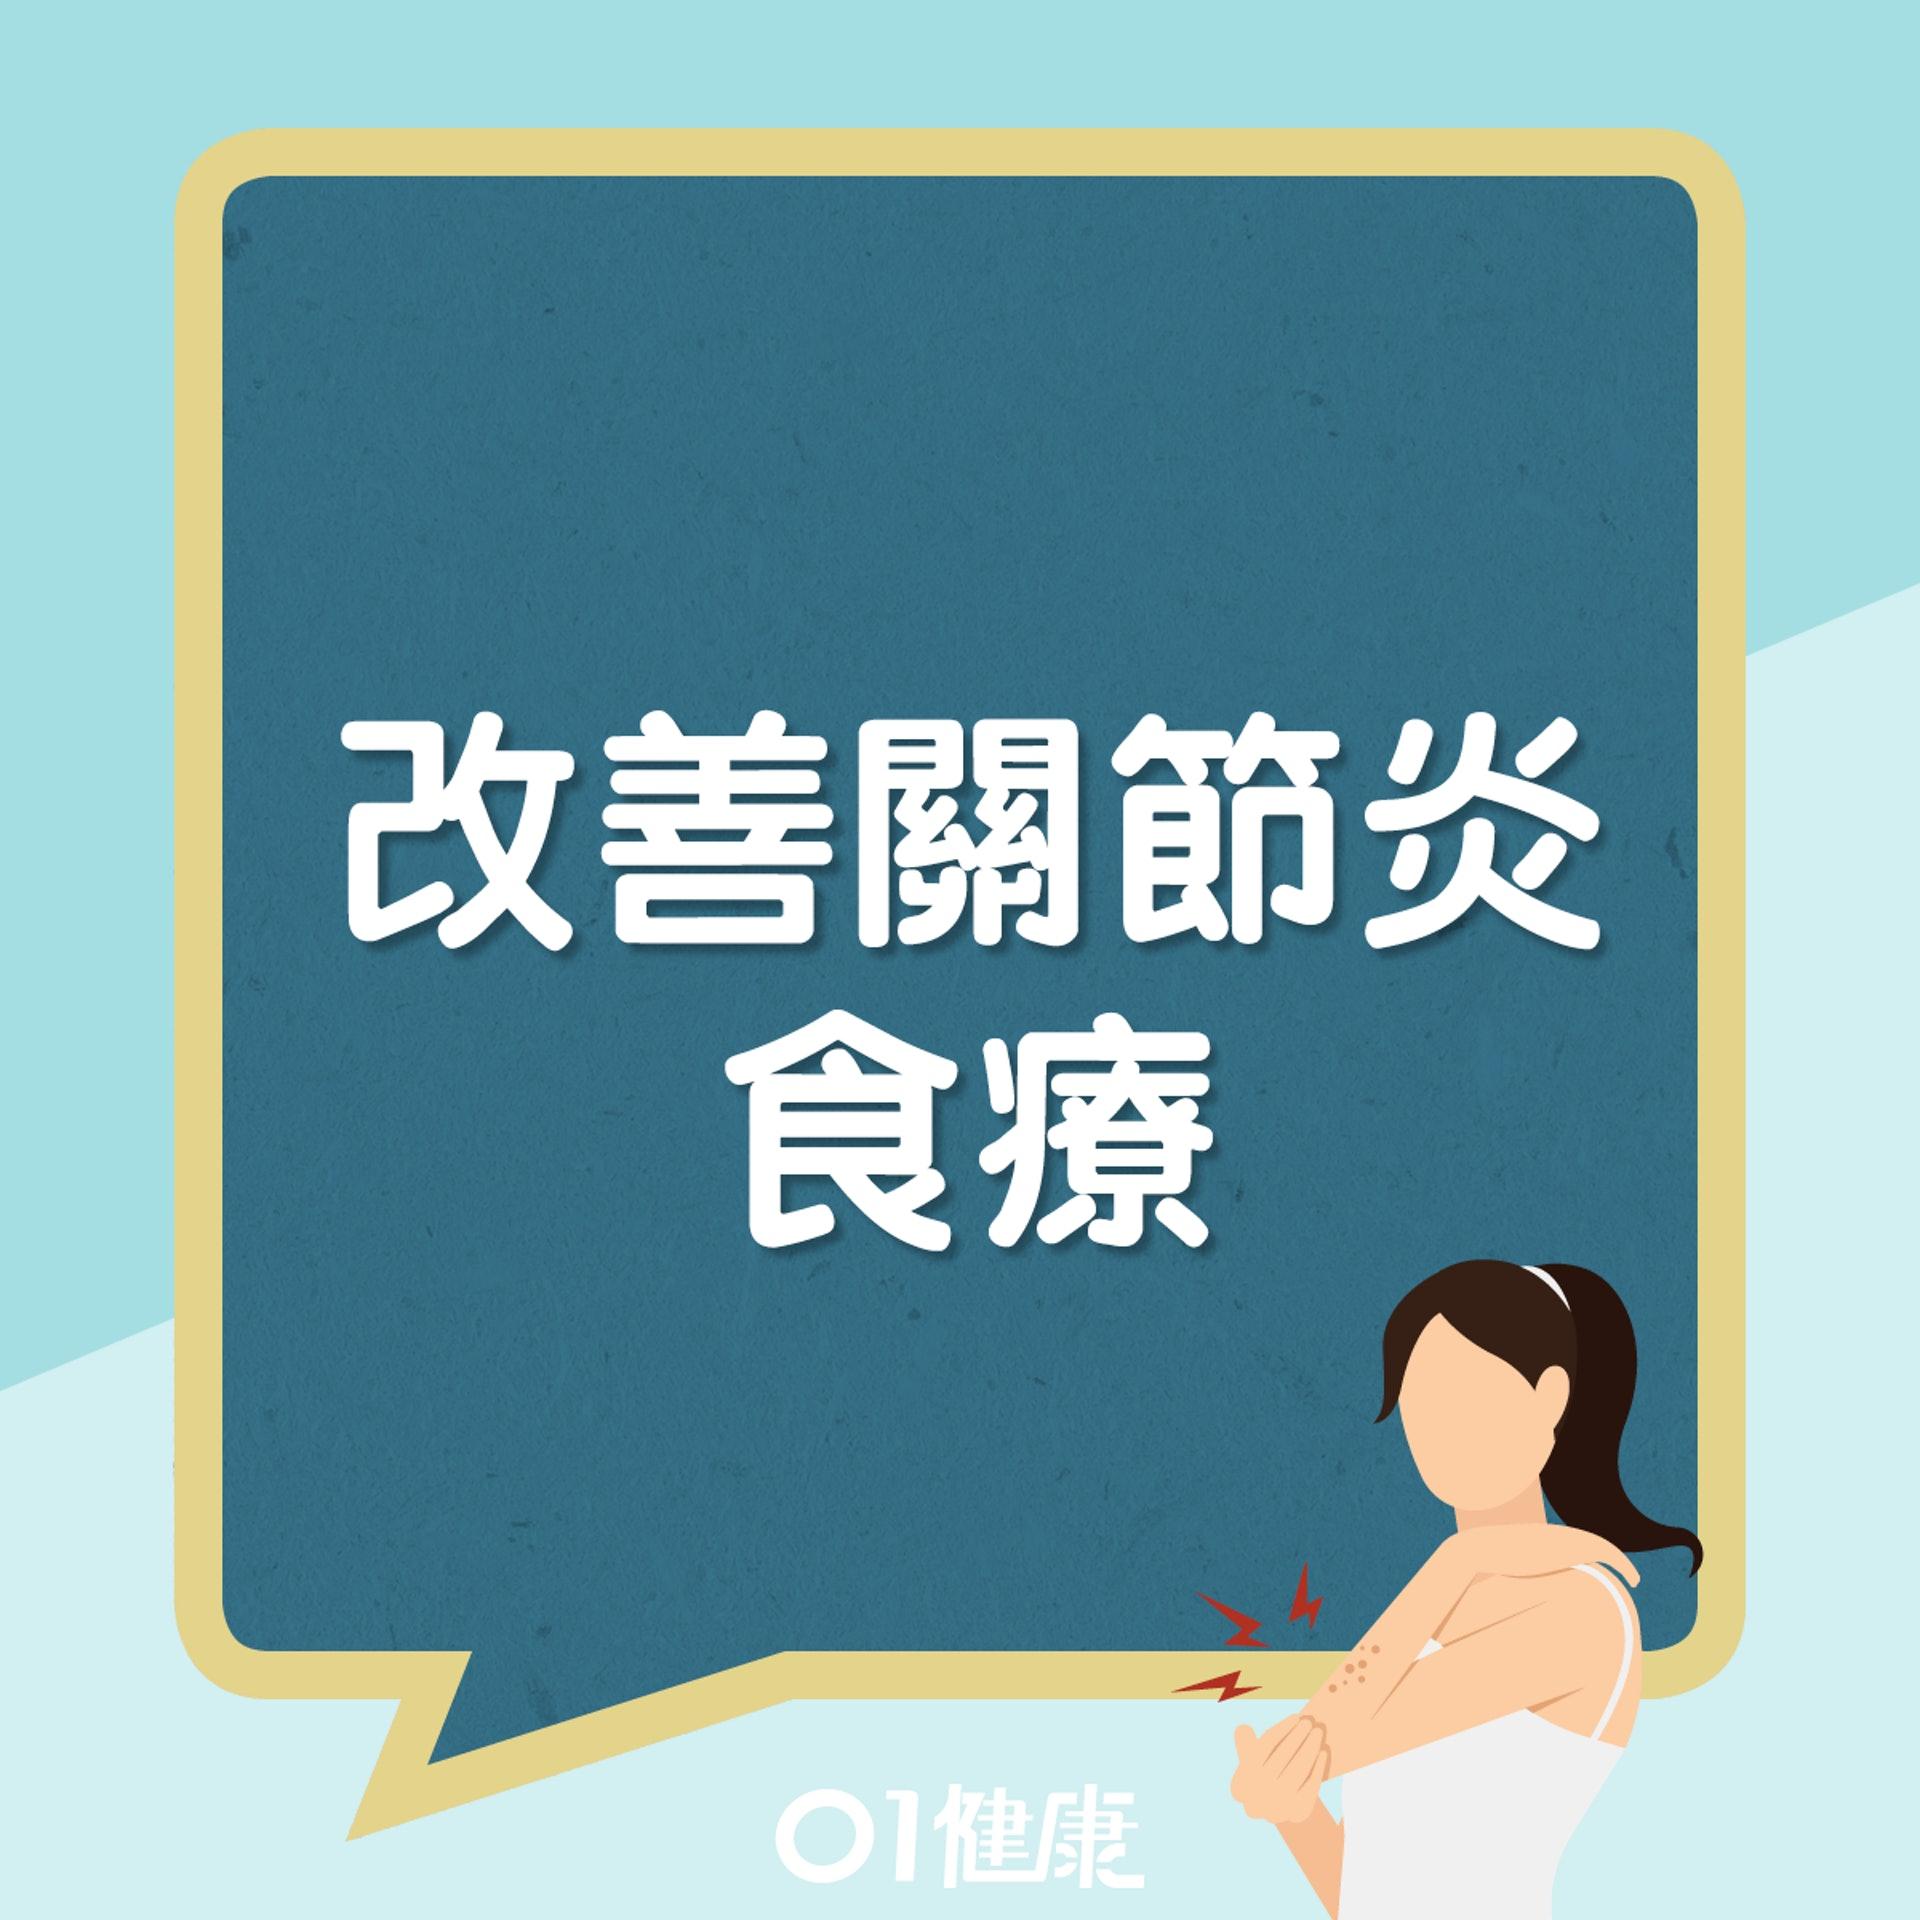 青木瓜粟米鬚湯(01製圖)